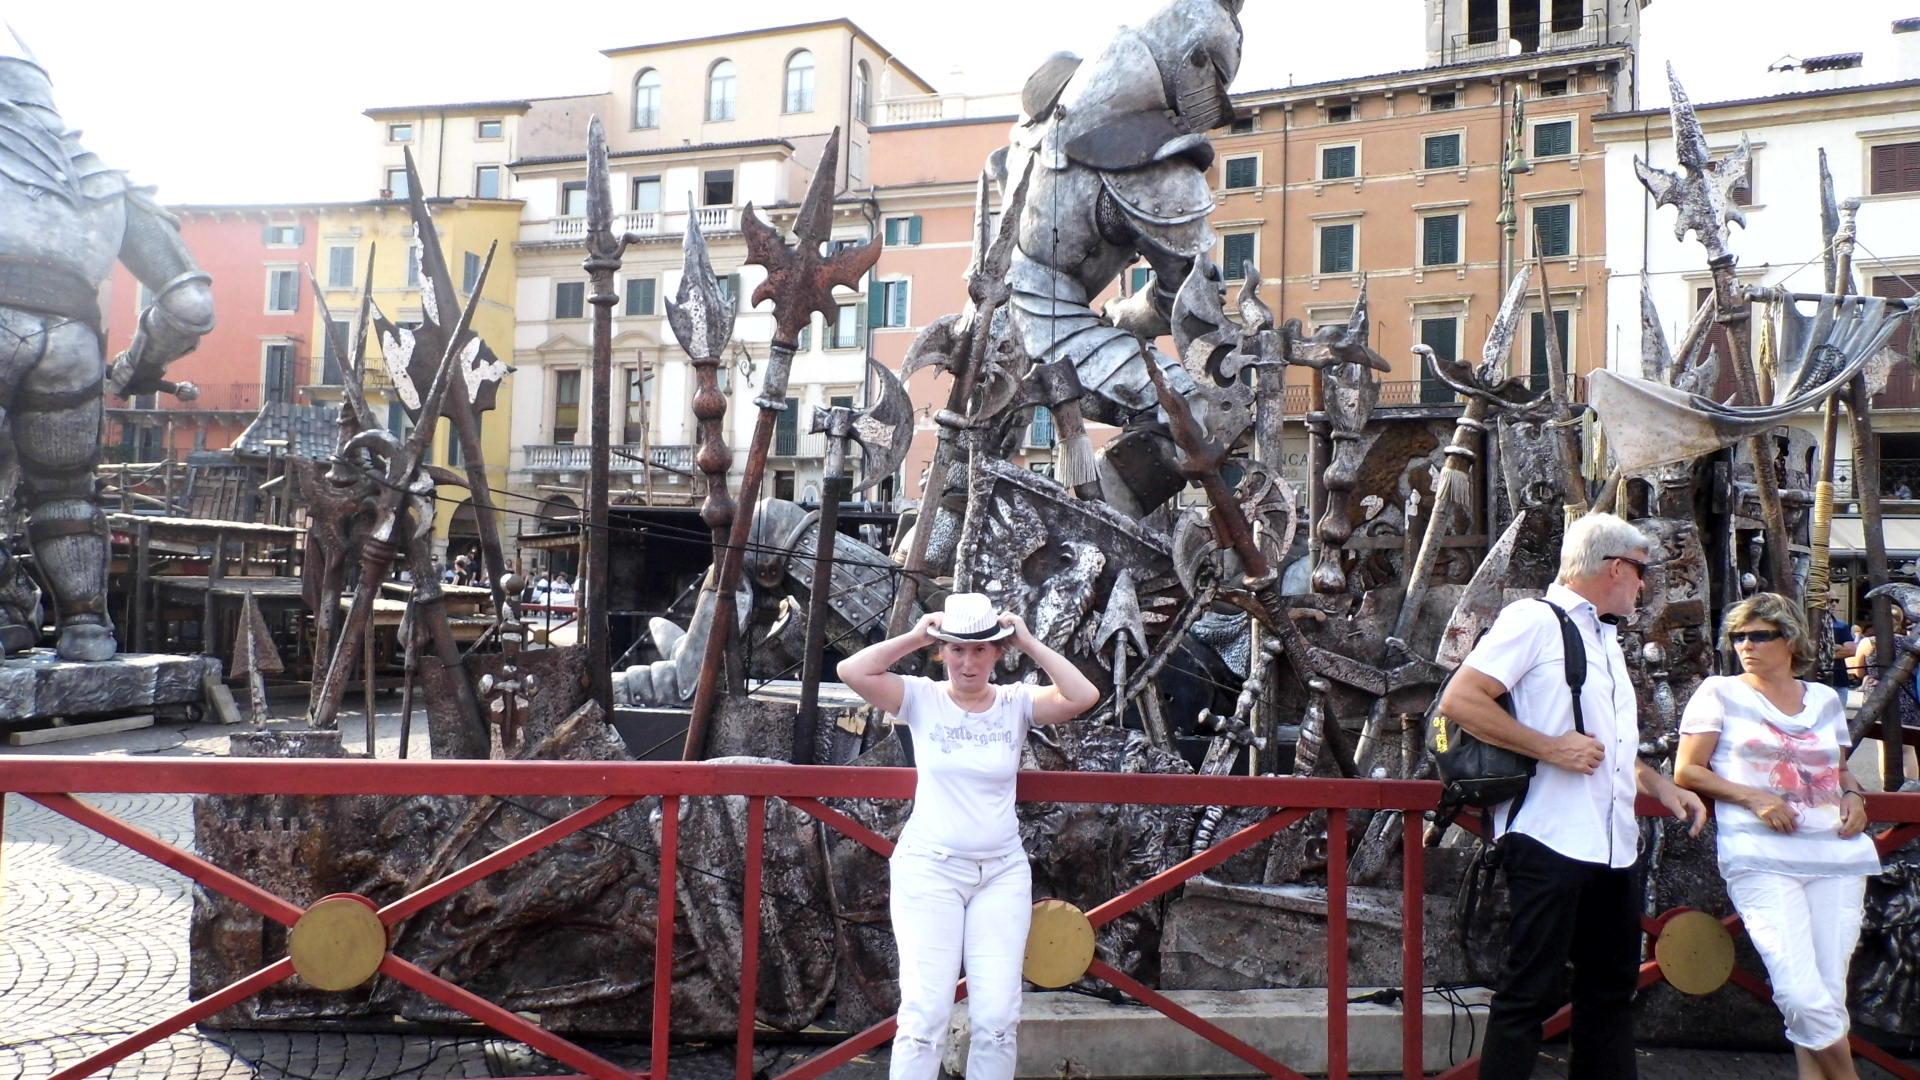 Italie Verona